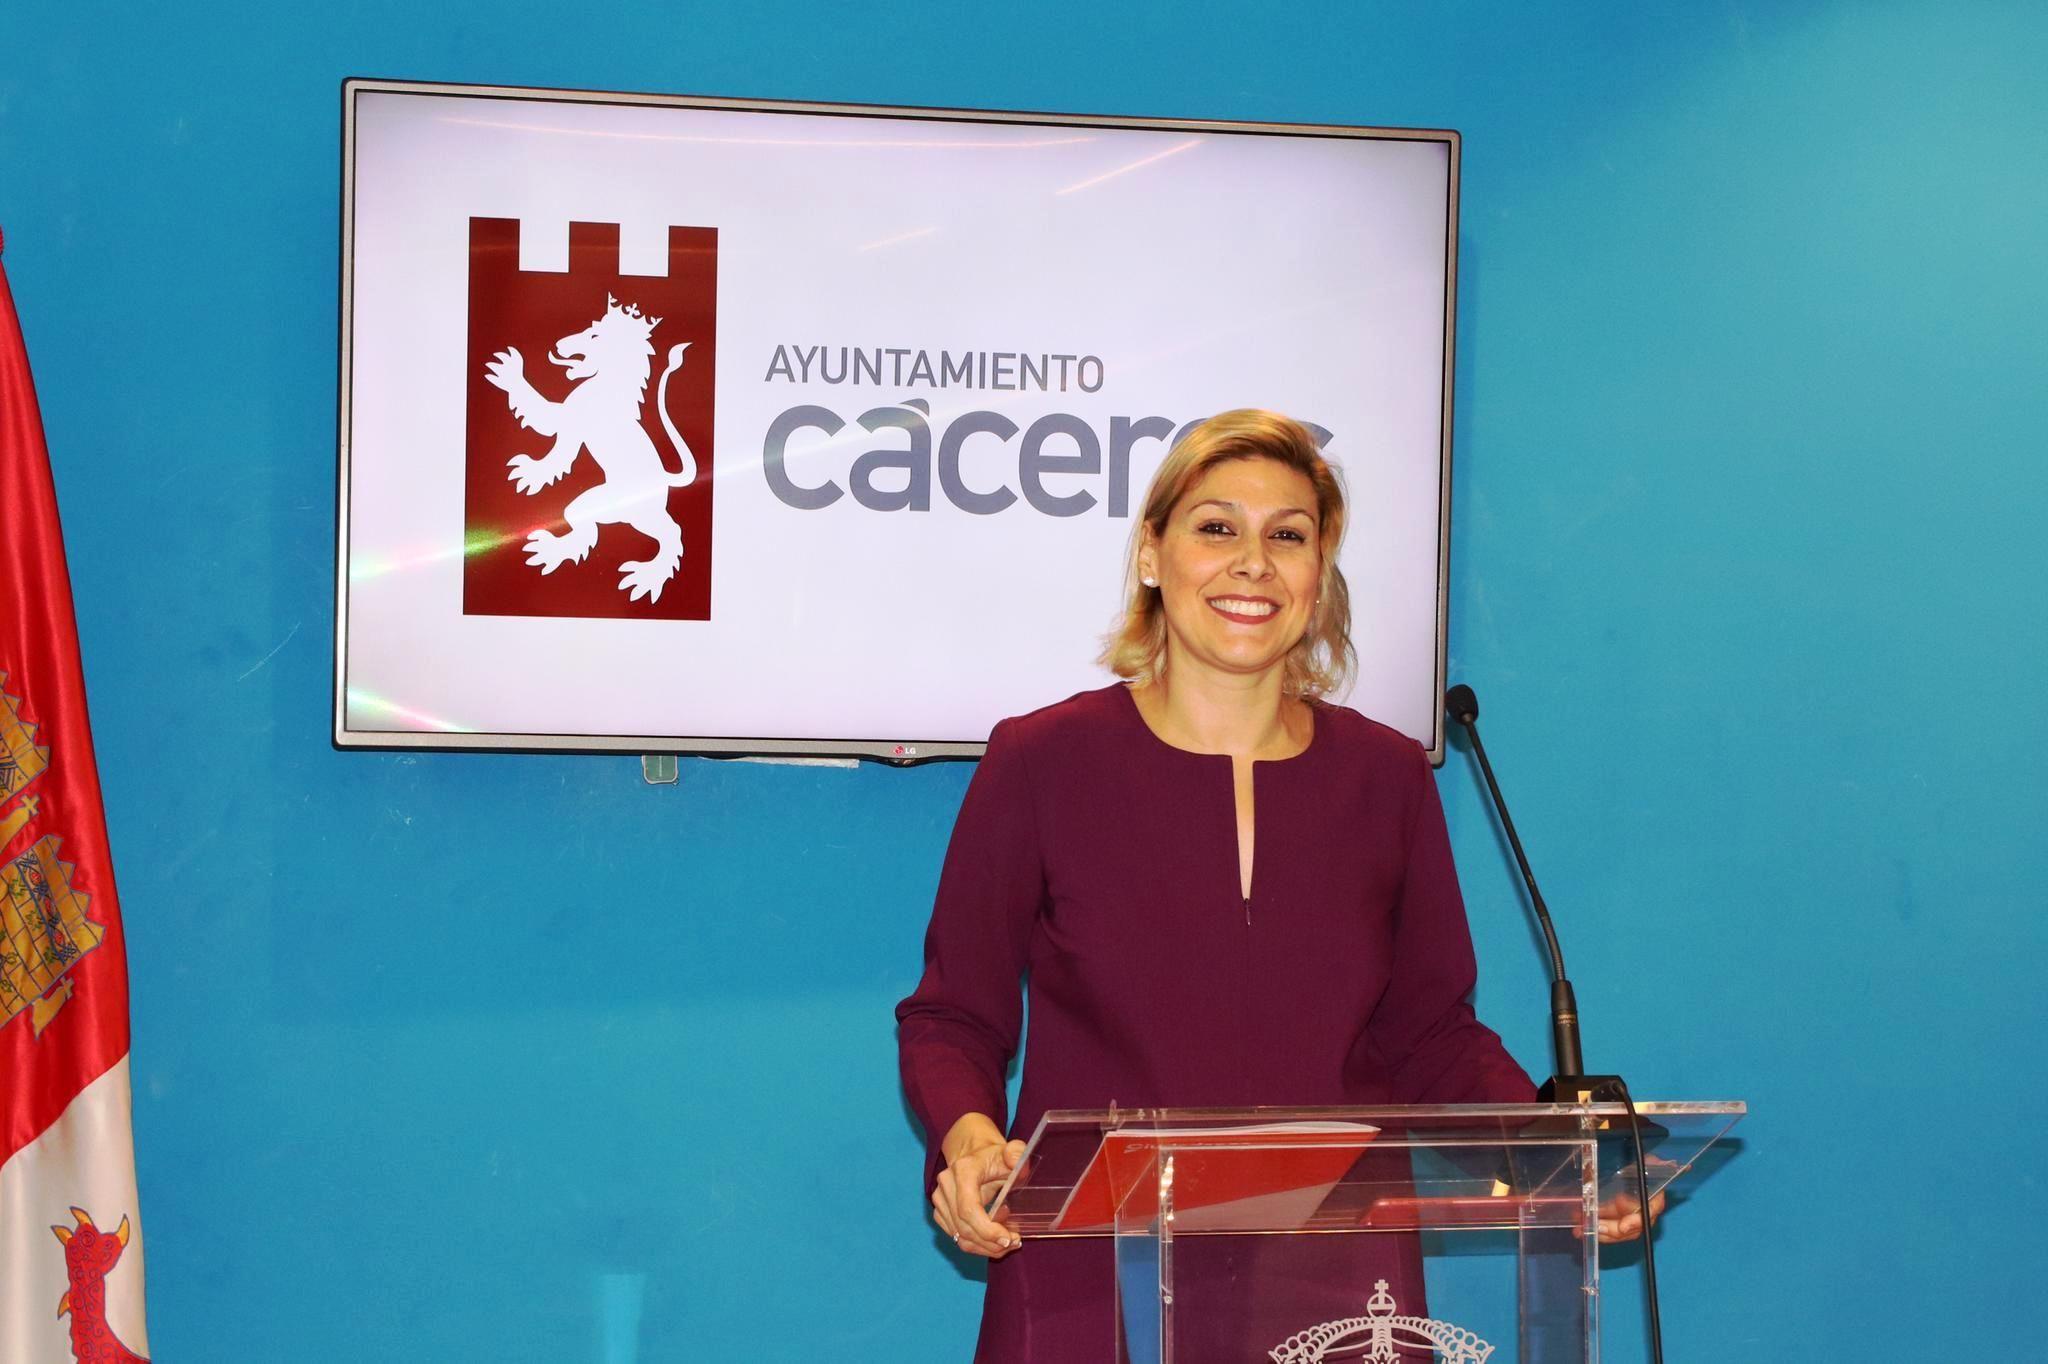 Ciudadanos no apoyará los presupuestos generales en Cáceres